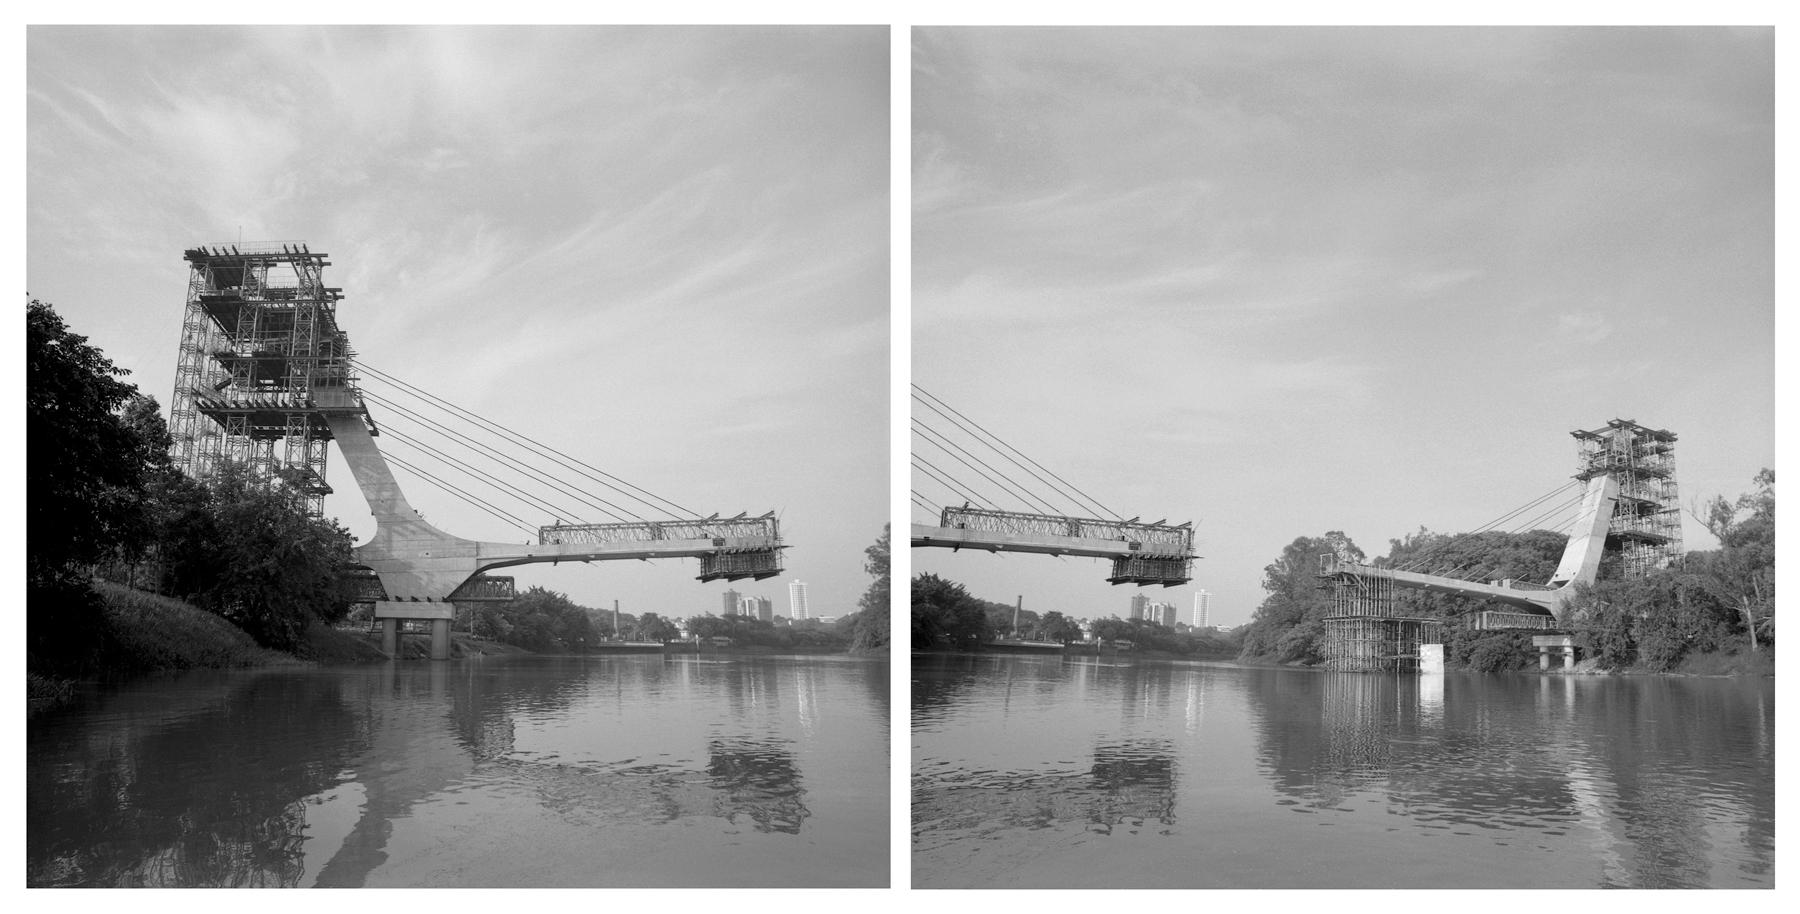 laurent_girard_diptychs_bridge in progress_2.jpg